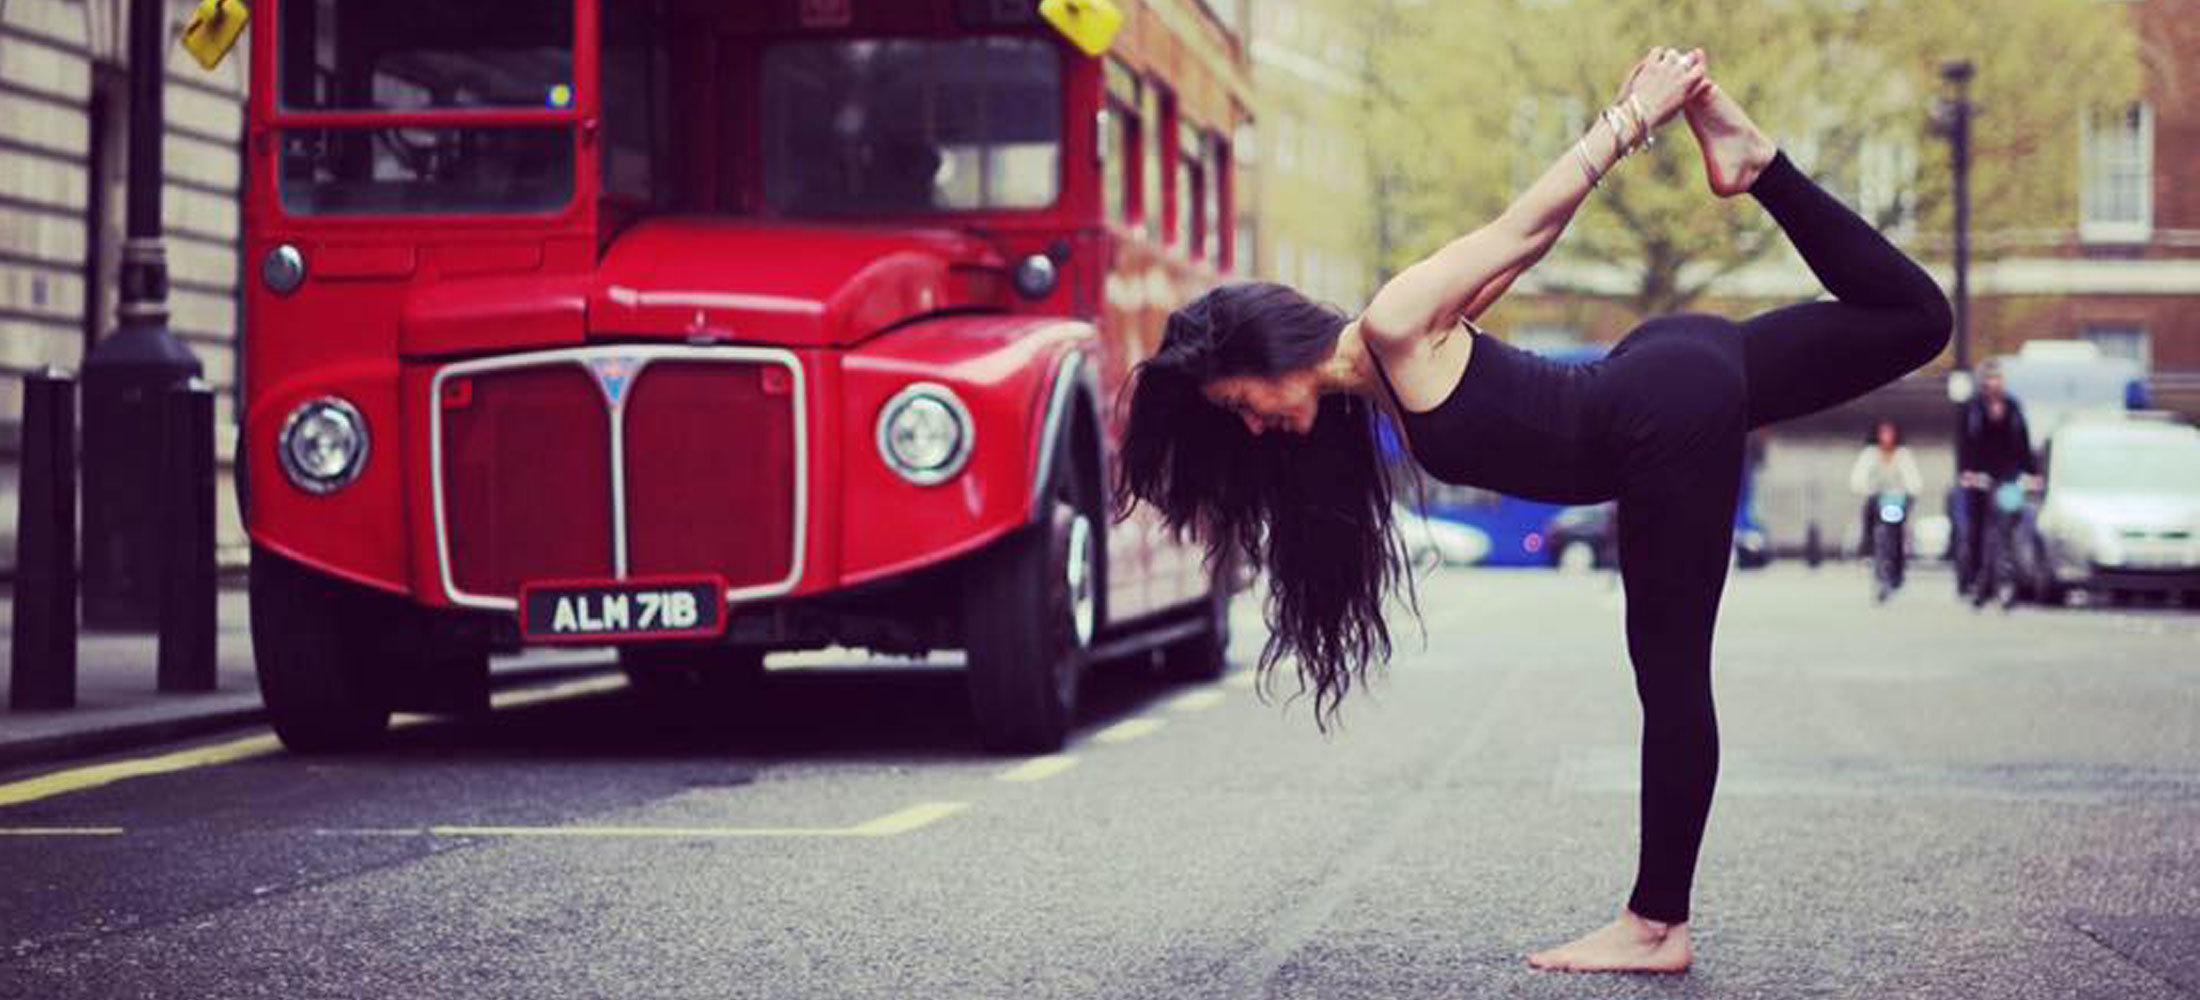 yoga-foto-straat